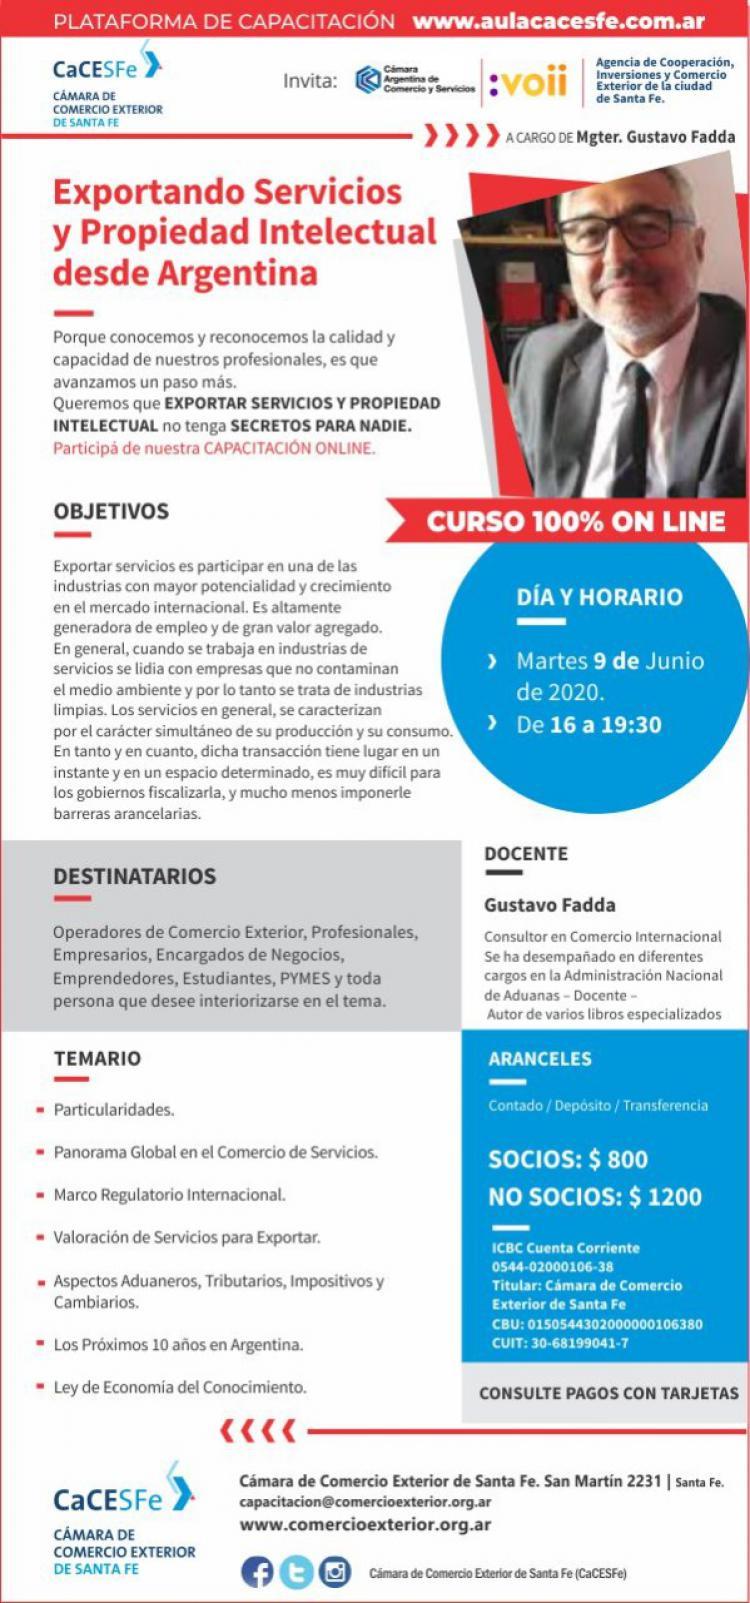 Exportando Servicios y Propiedad Intelectual desde Argentina. # �LTIMOS LUGARES